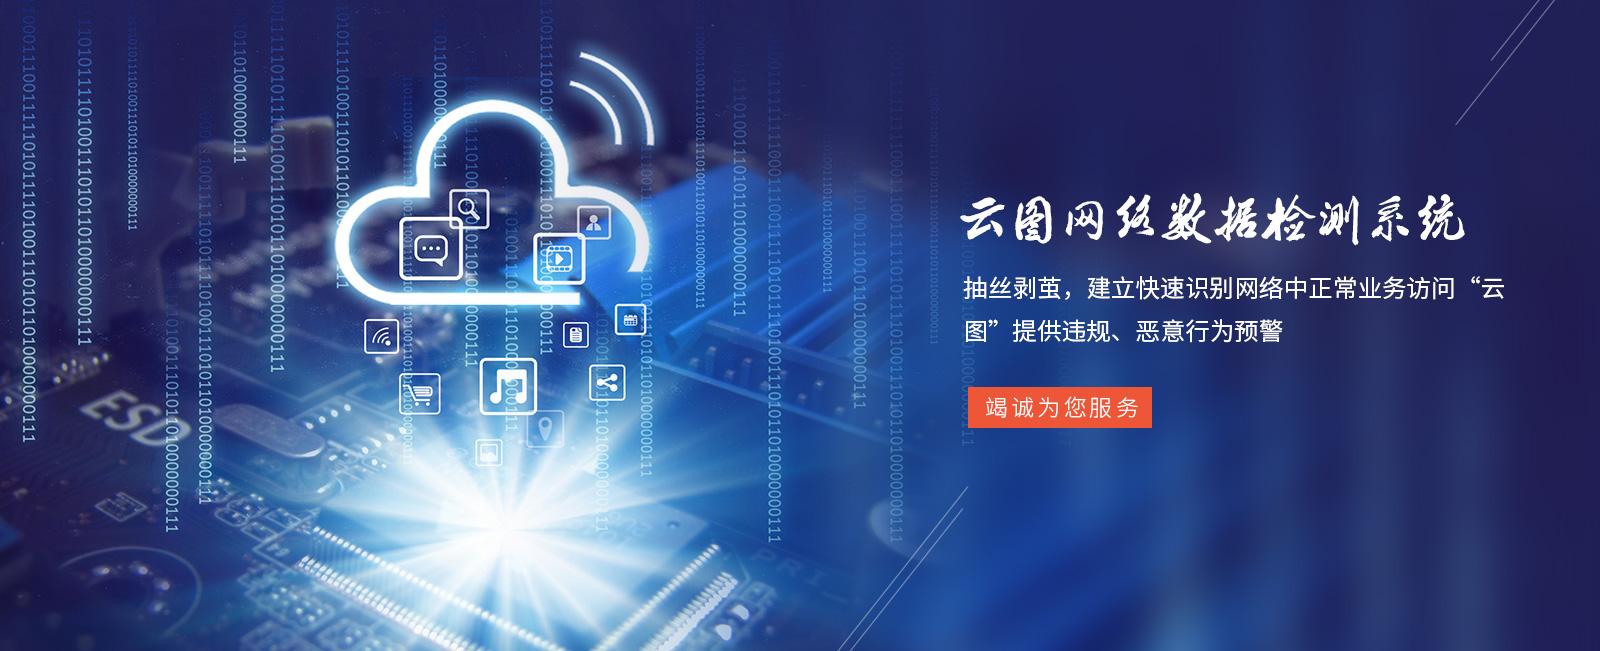 深圳市云盾科技有限公司